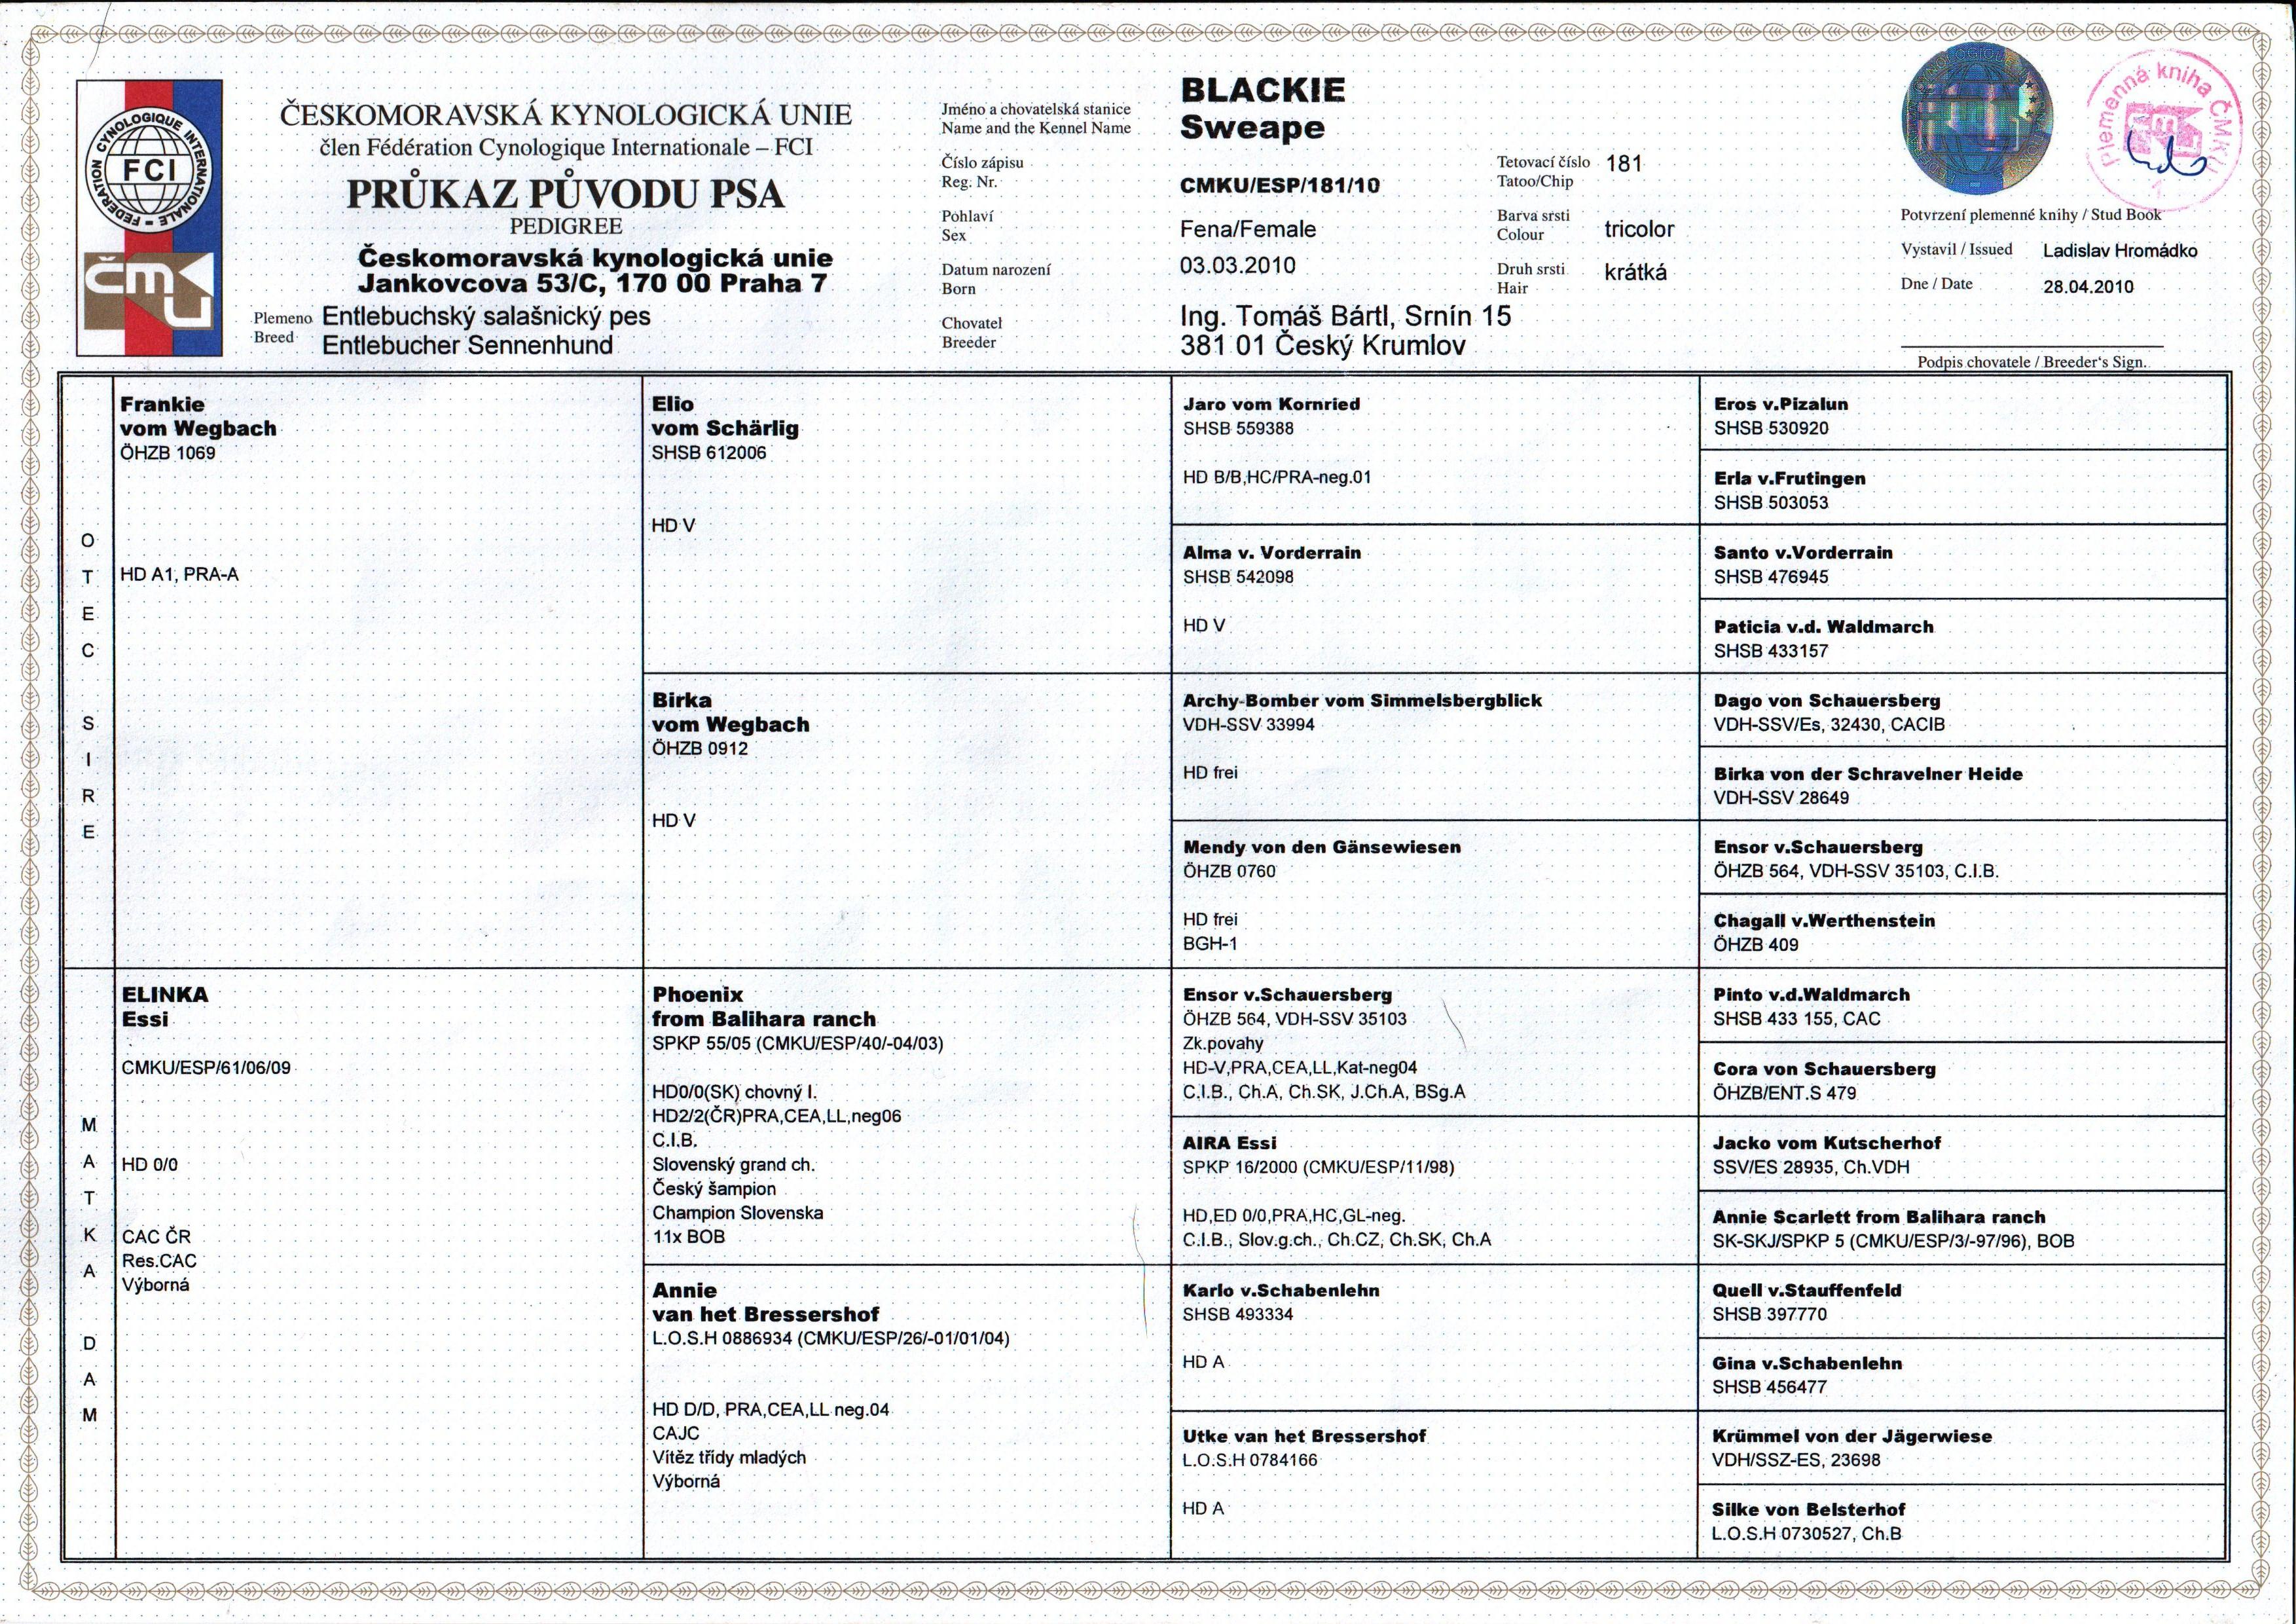 Průkaz původu - entlebušský salašnický pes (Blackie Sweape)